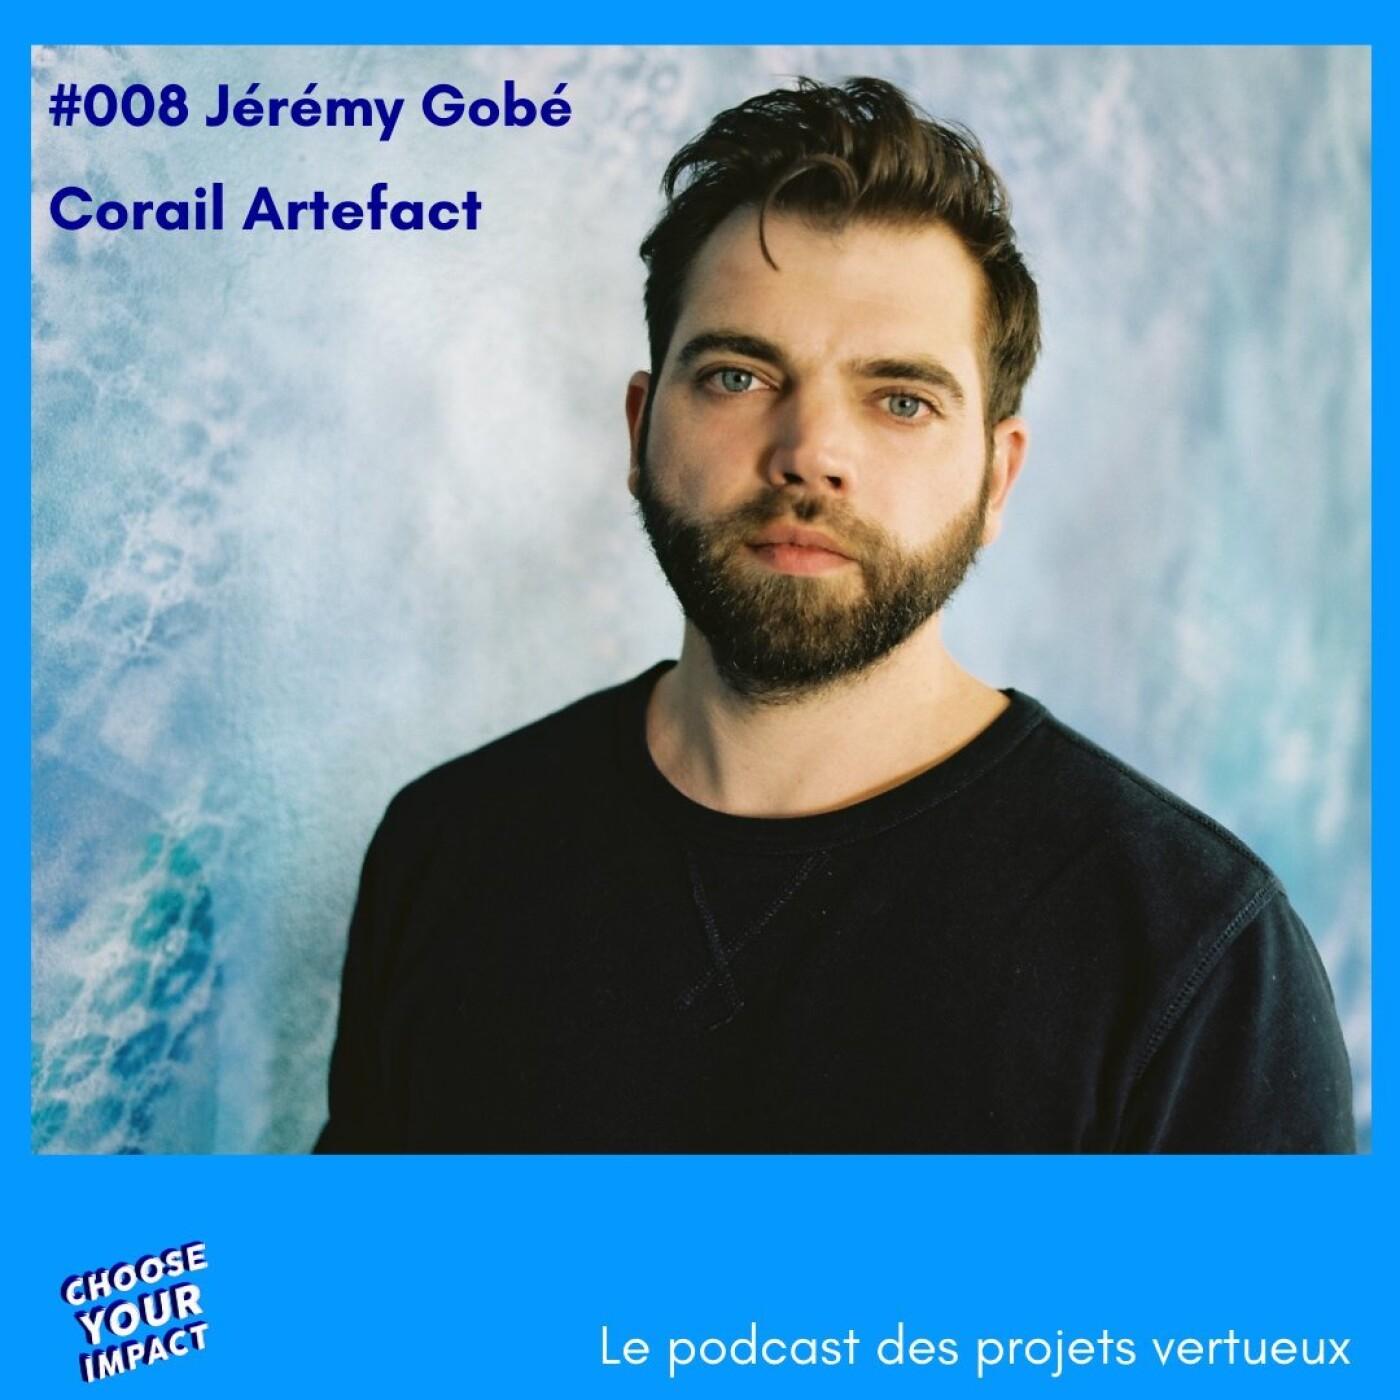 #008 Jérémy Gobé - CORAIL ARTEFACT ou comment sauver les récifs coralliens